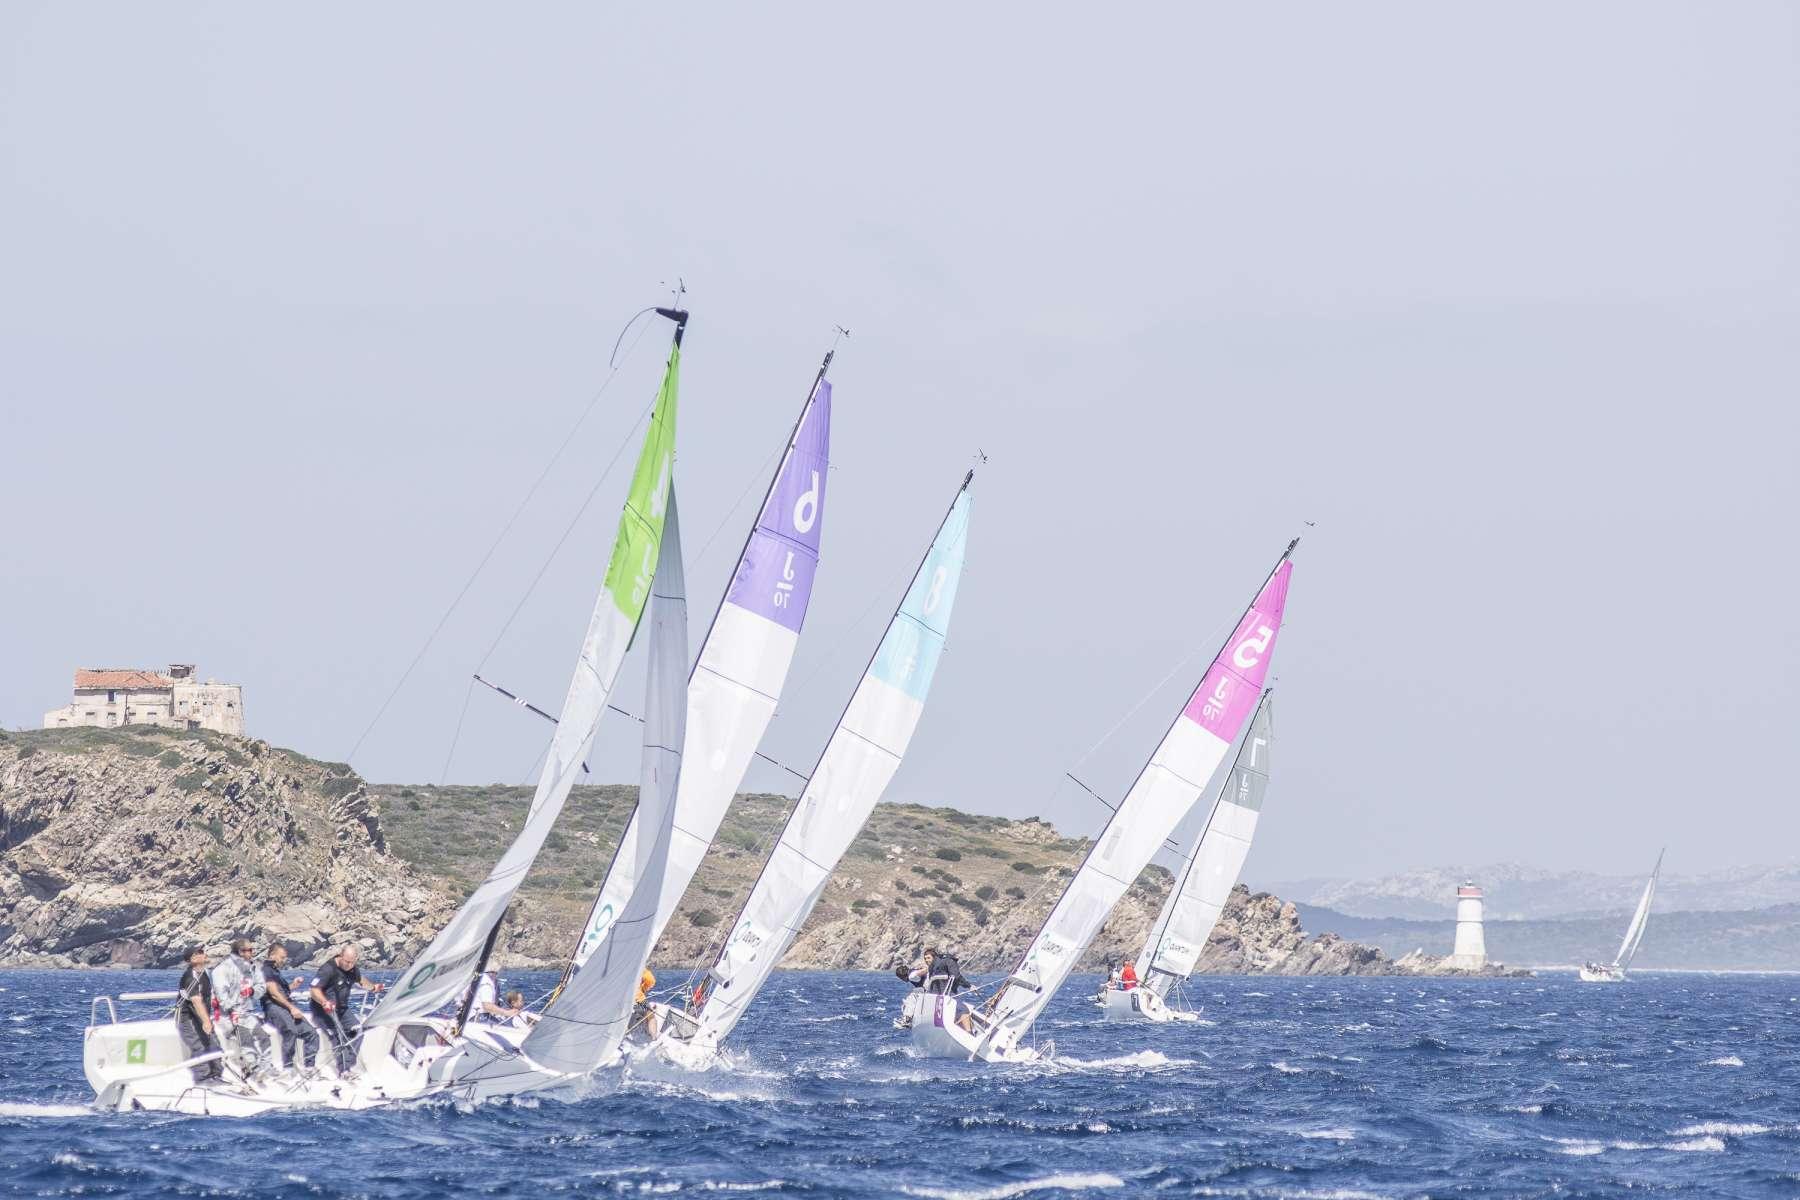 Vela & Golf inaugura la stagione sportiva dello YCCS - NEWS - Yacht Club Costa Smeralda